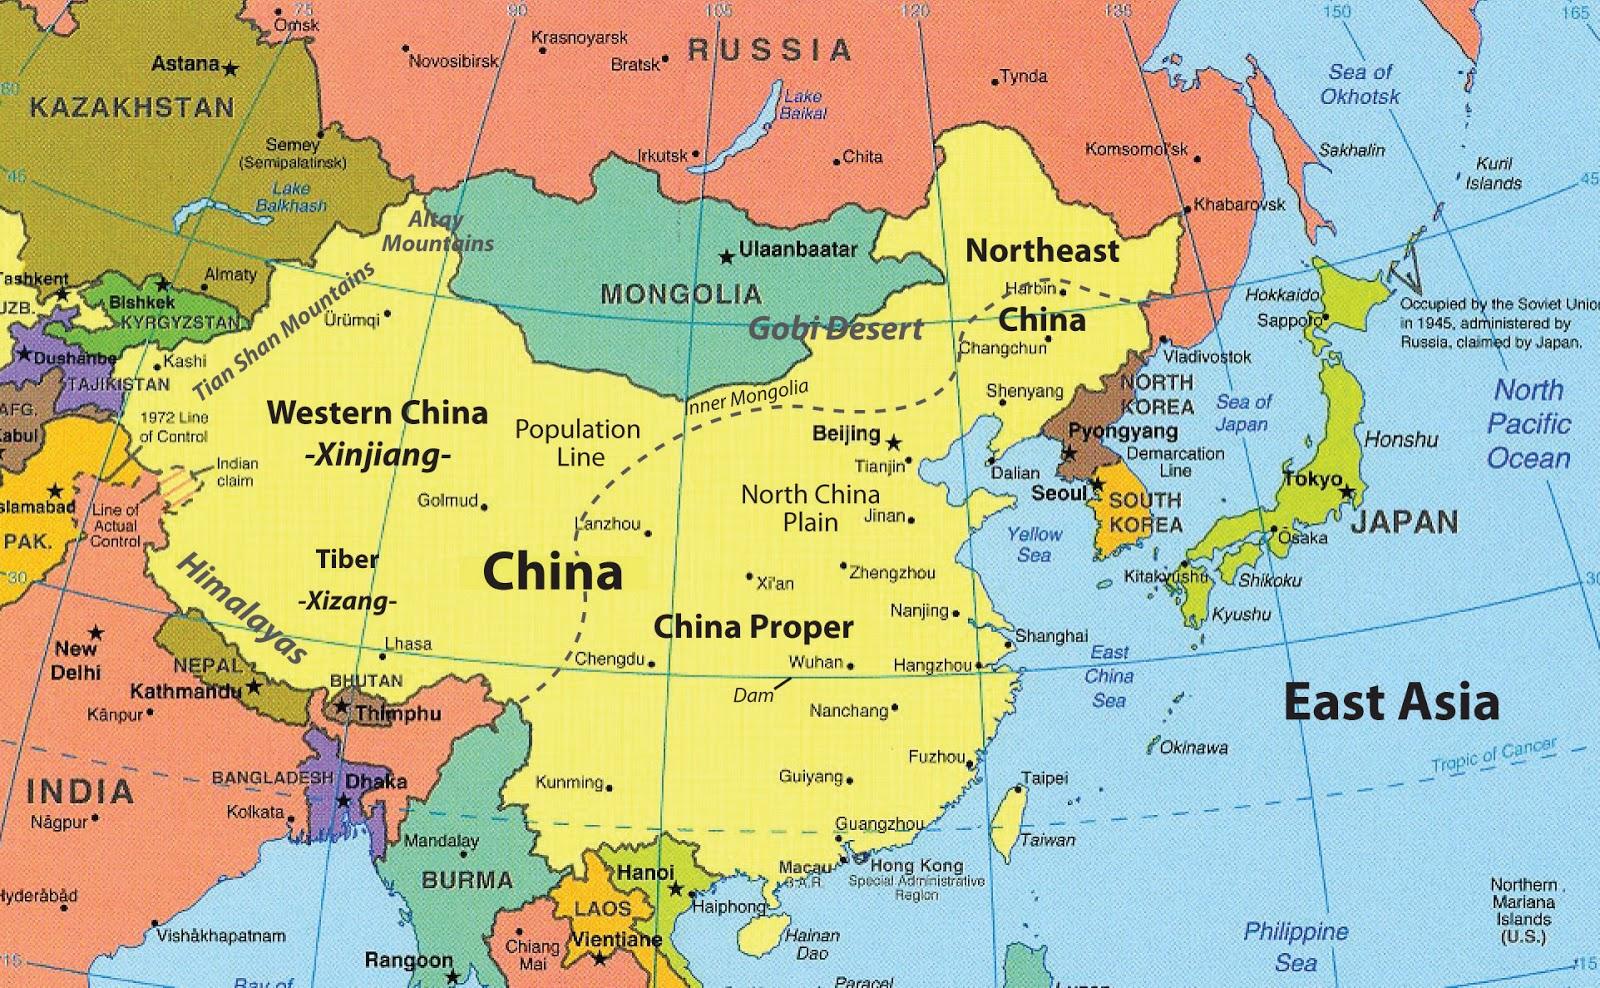 Map Of Asia Korean Peninsula.Korean Peninsula Asia Map